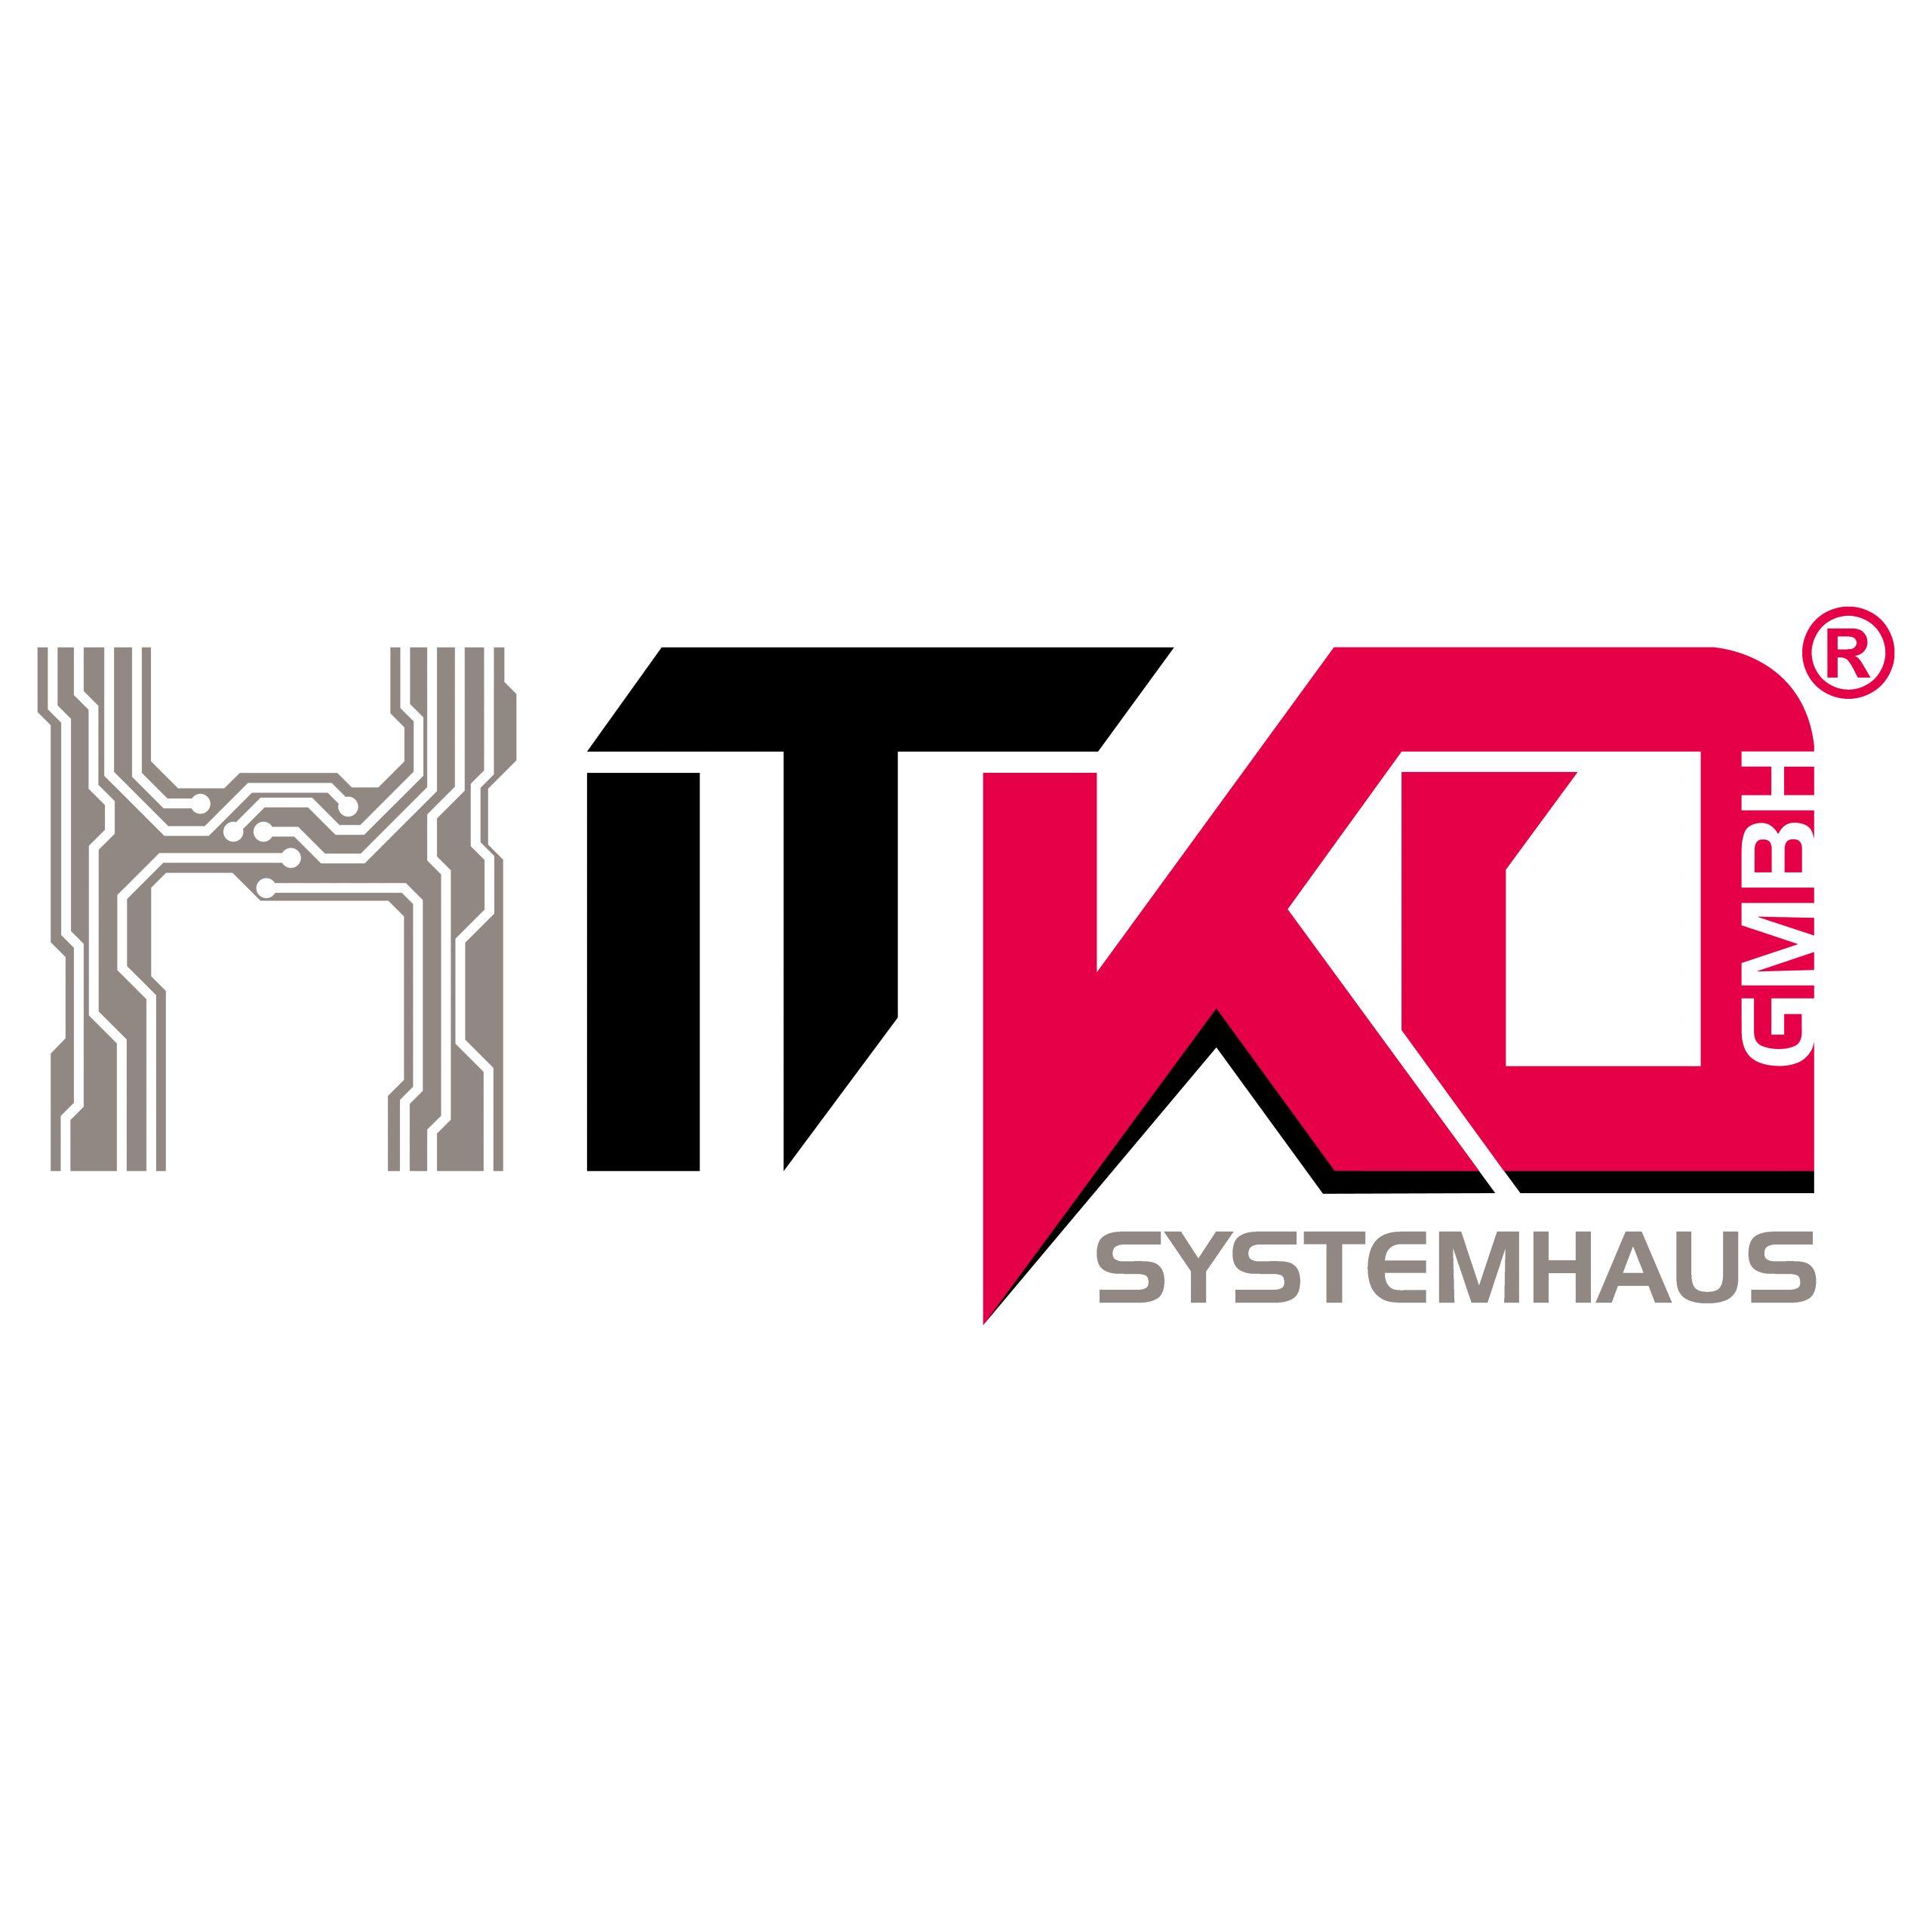 Willkommen bei der HITKO Systemhaus GmbH